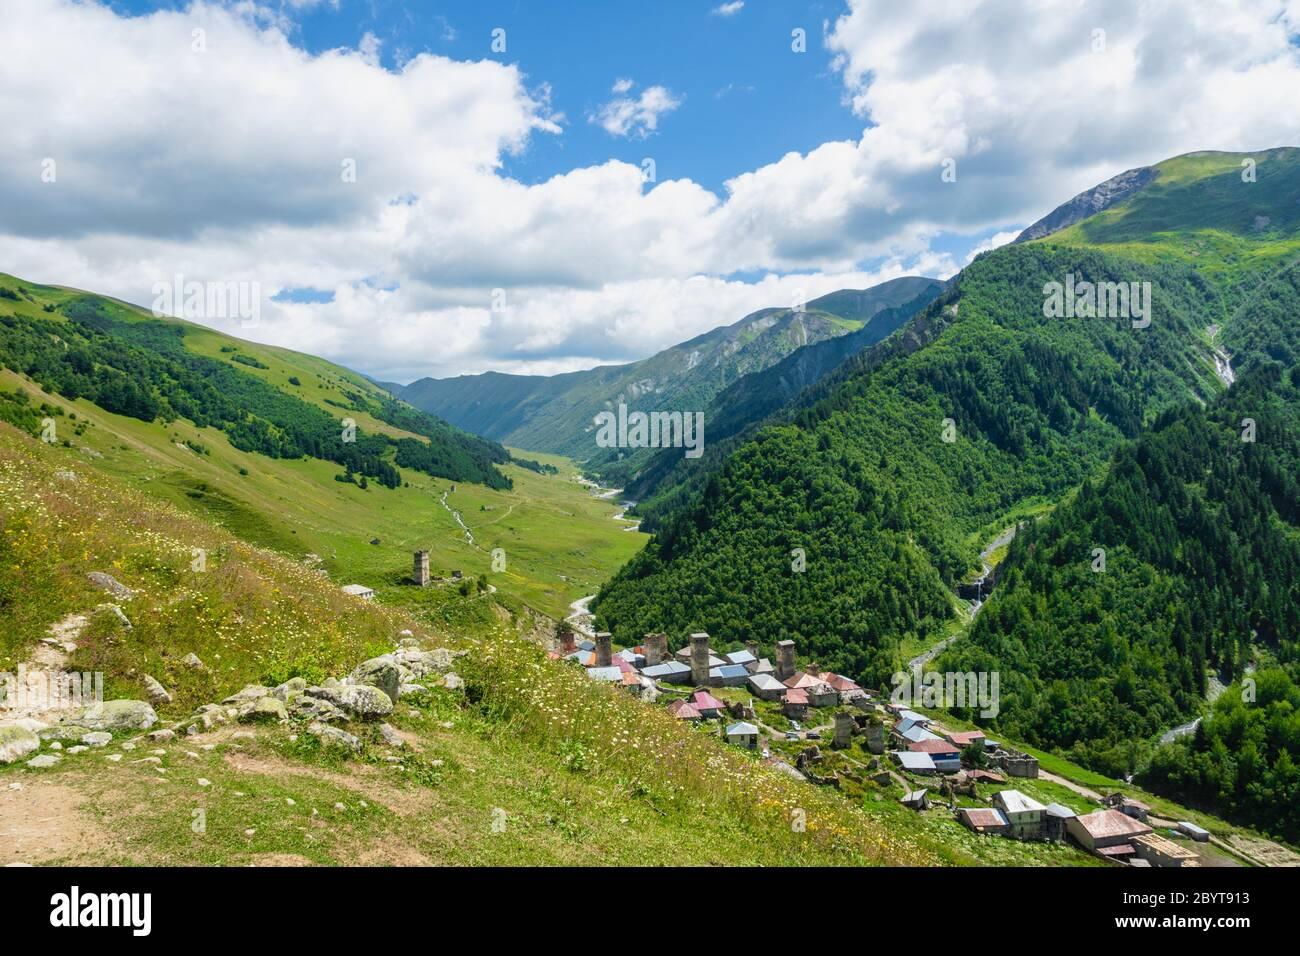 Svaneti Berg- und Dorflandschaft an der Trekking- und Wanderroute in der Nähe von Mestia Dorf in Svaneti Region, UNESCO-Weltkulturerbe in Georgien. Stockfoto